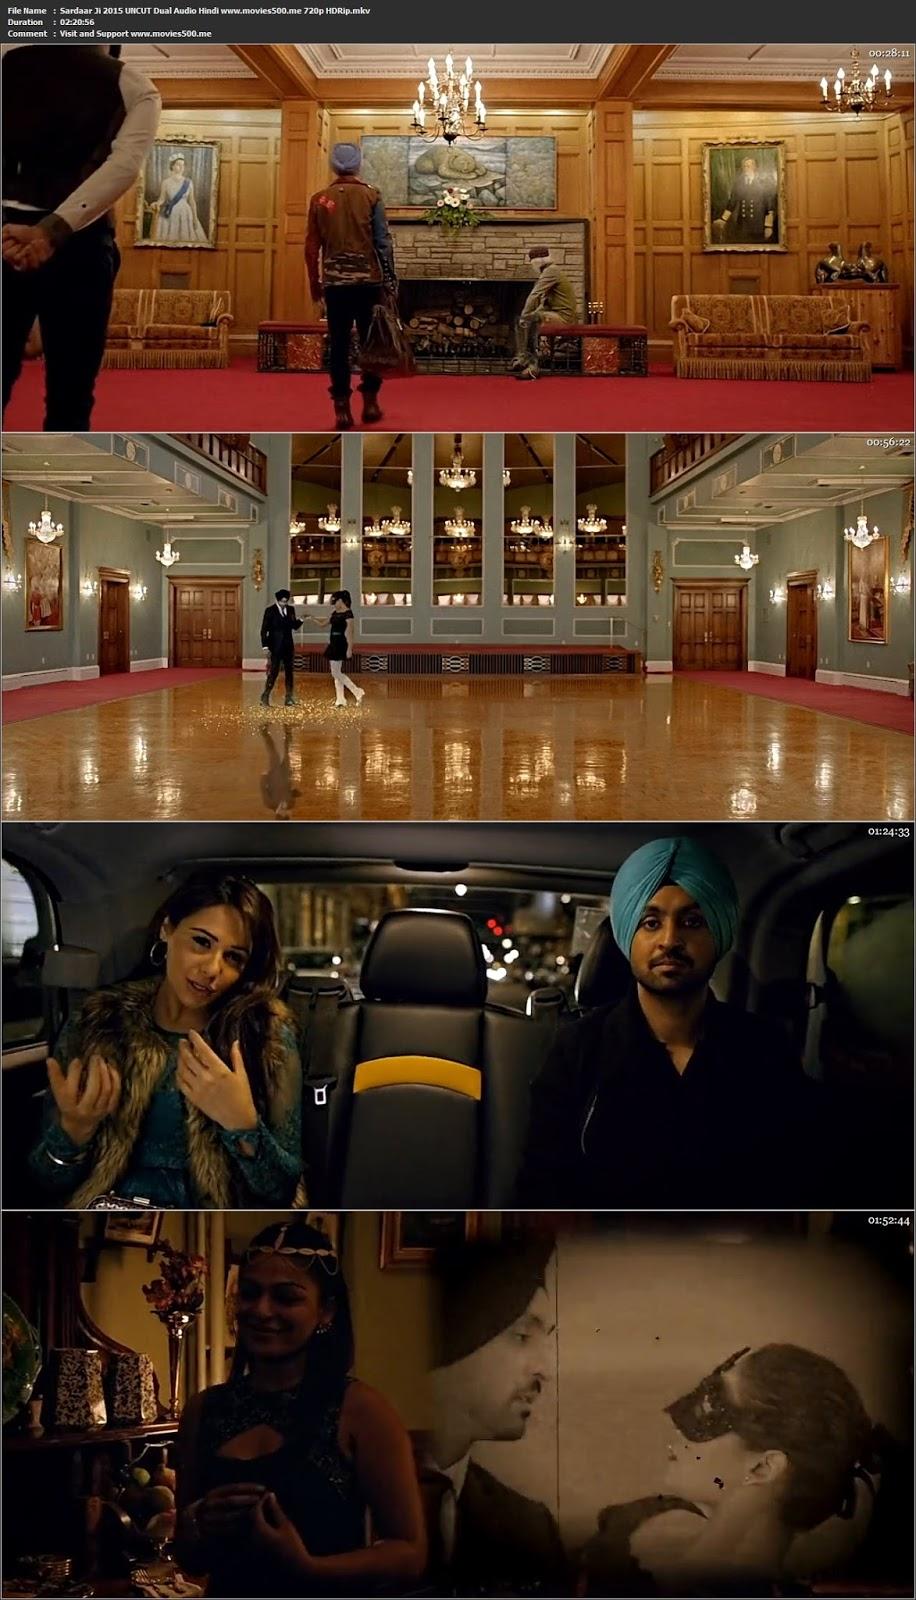 Sardaar Ji 2015 UNCUT Punjabi Movie HDRip 720p 1.4GB at freedomcopy.com